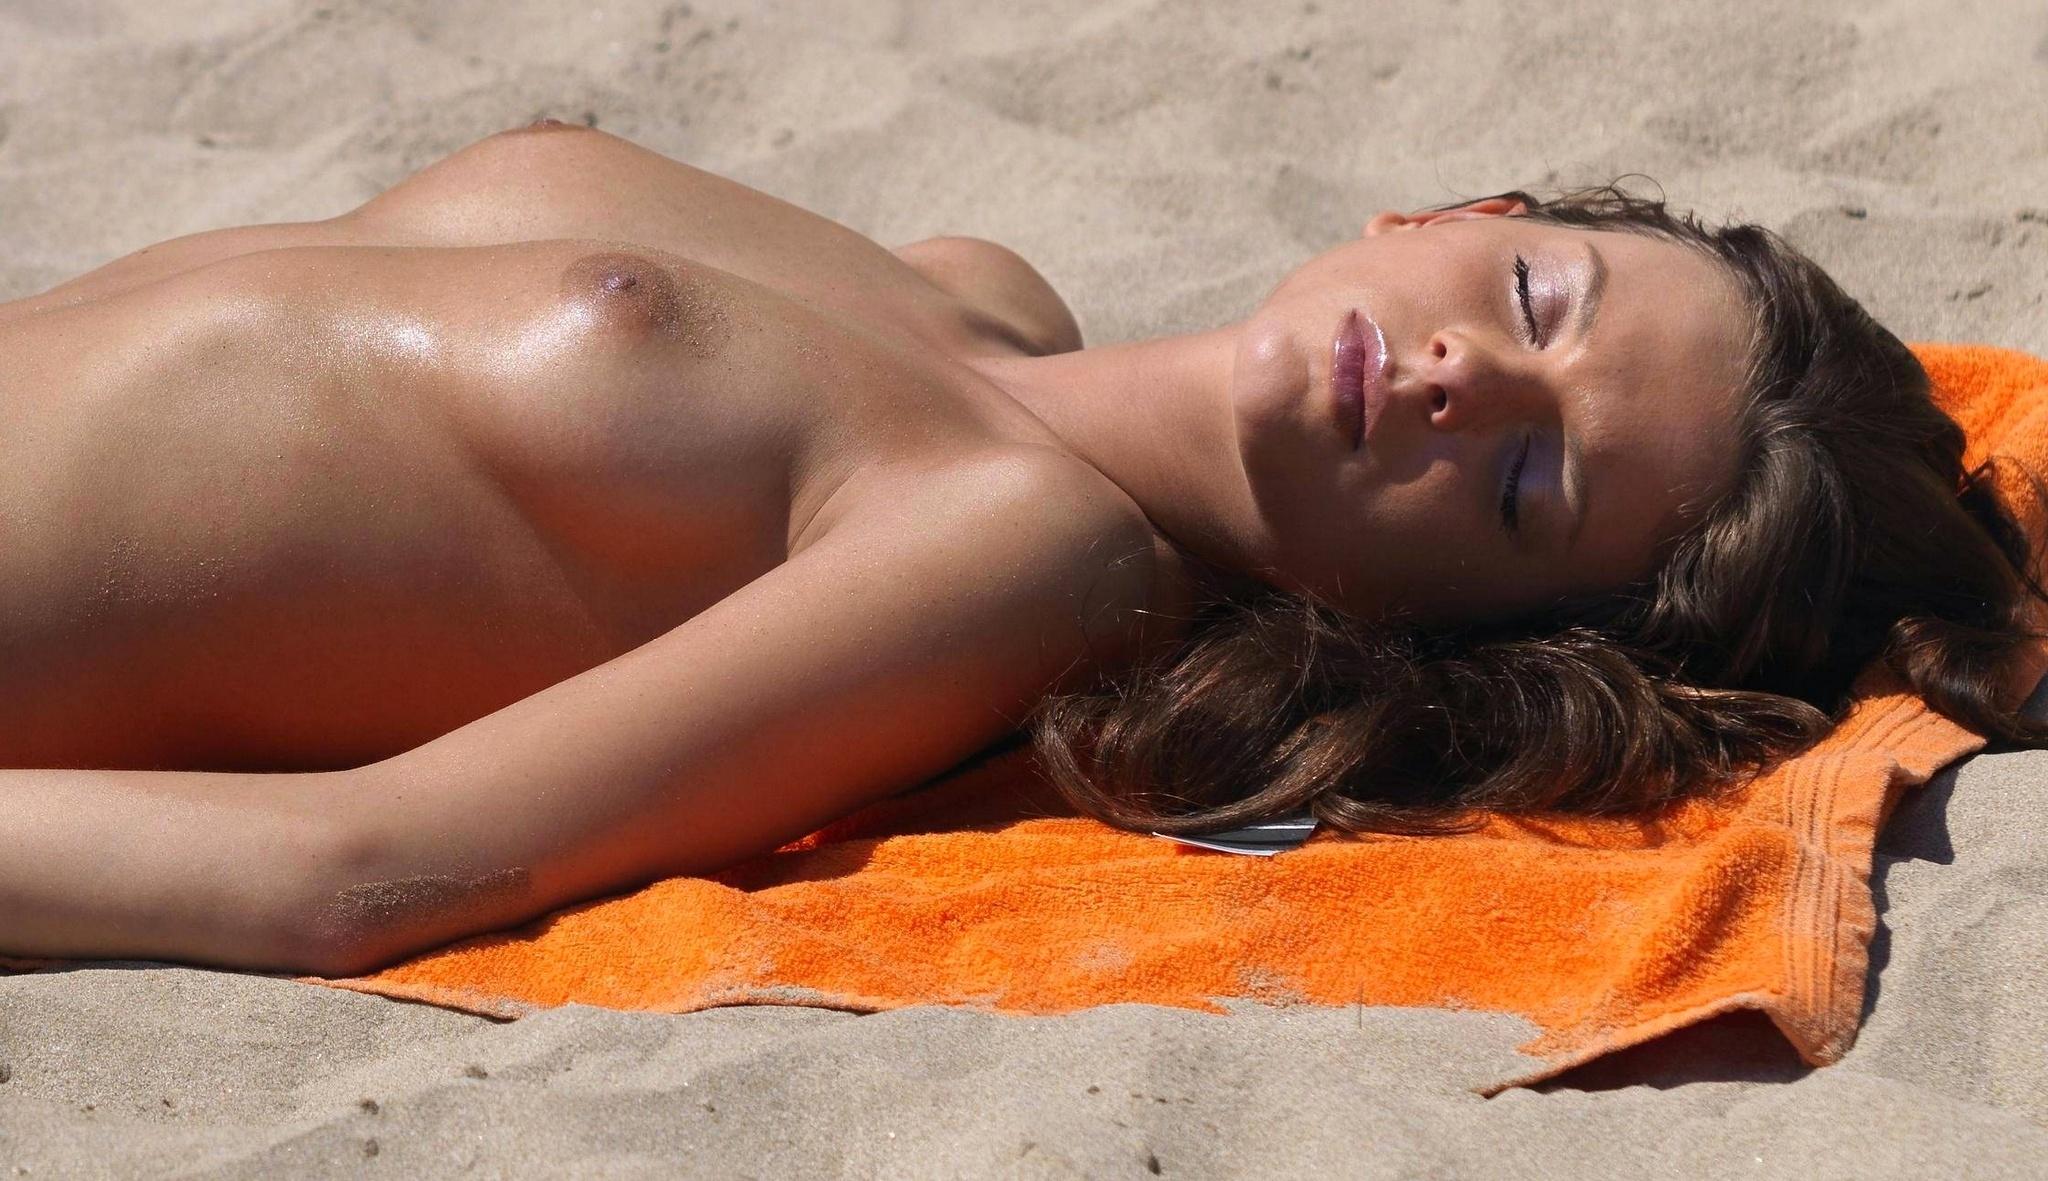 Эротика но плаж, Пляж. Секс на пляже 19 фотография